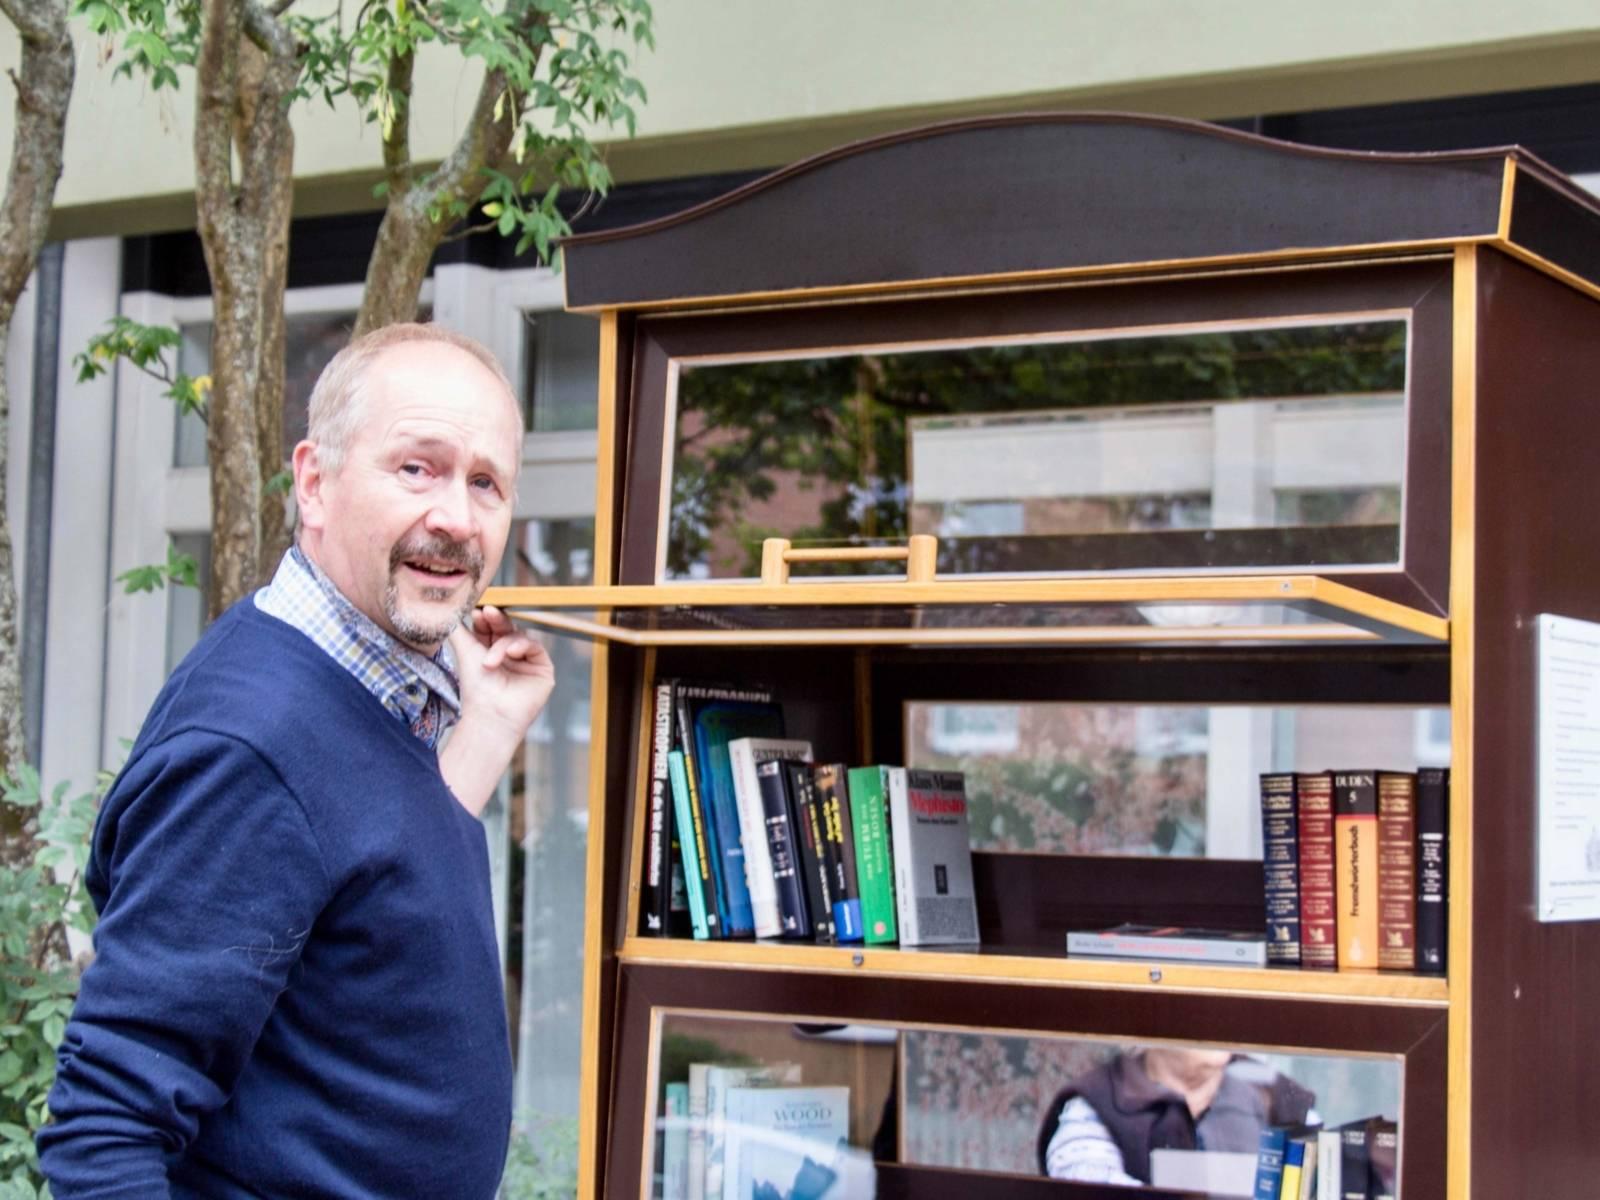 Mann vor einem Schrank mit Büchern.